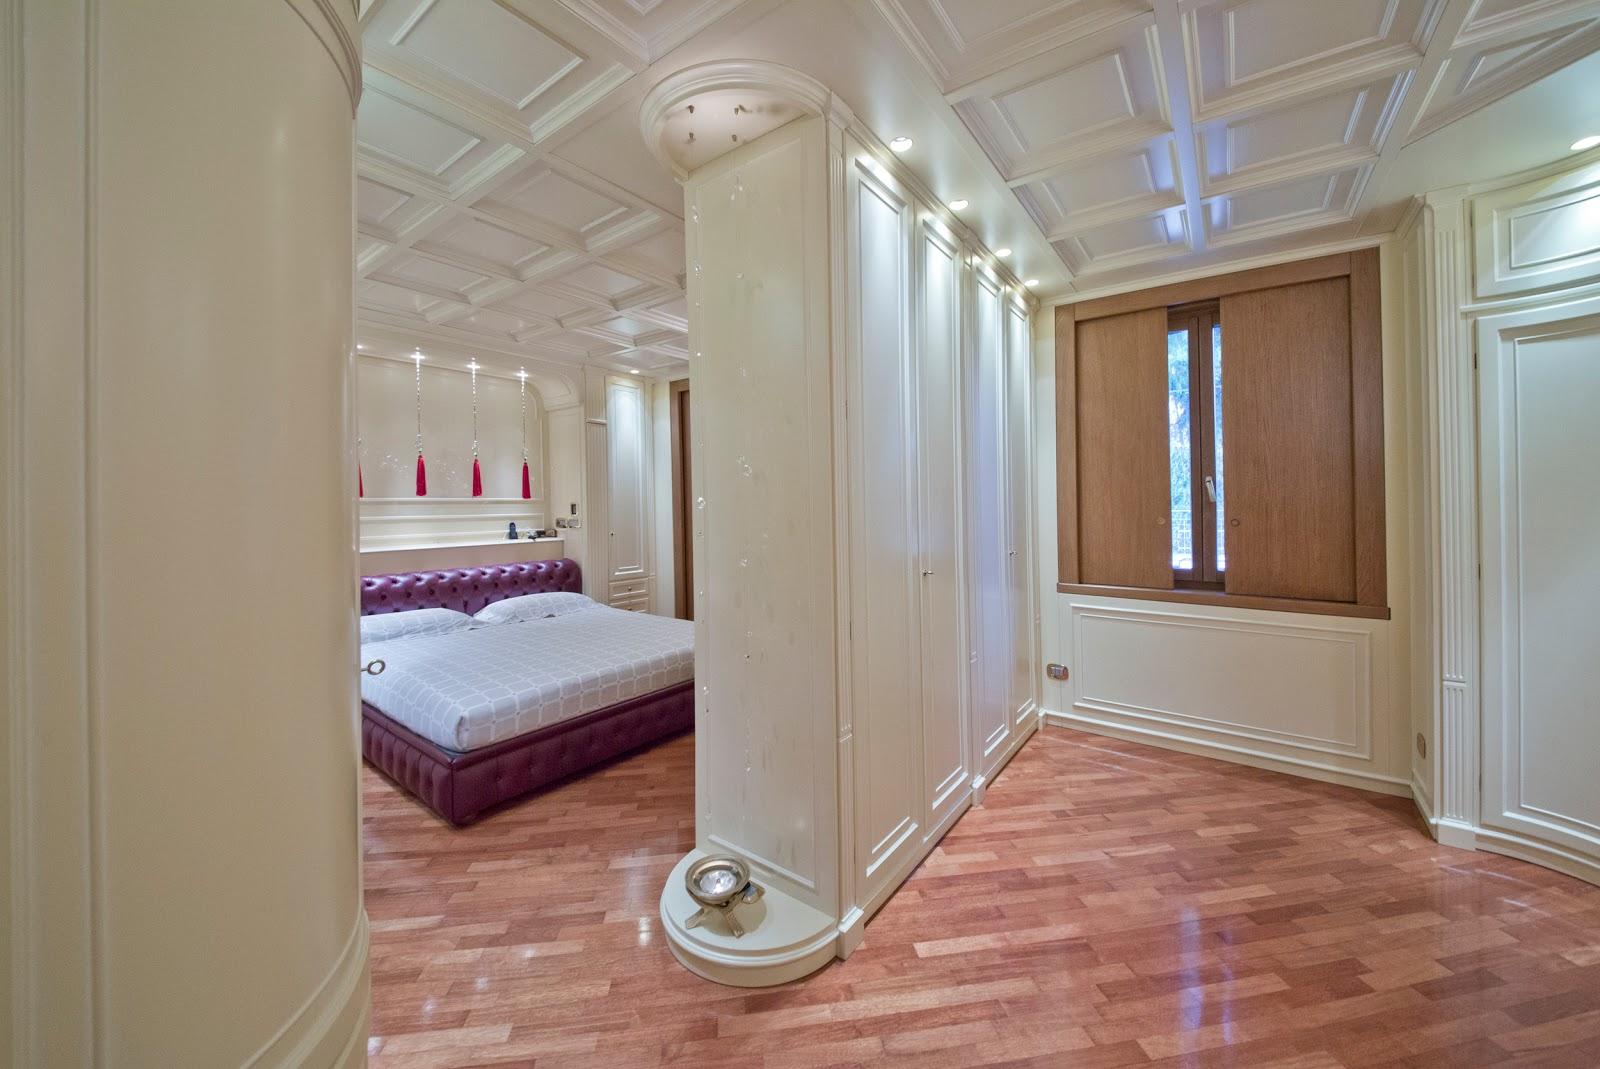 10 camere da letto con servizi en suite